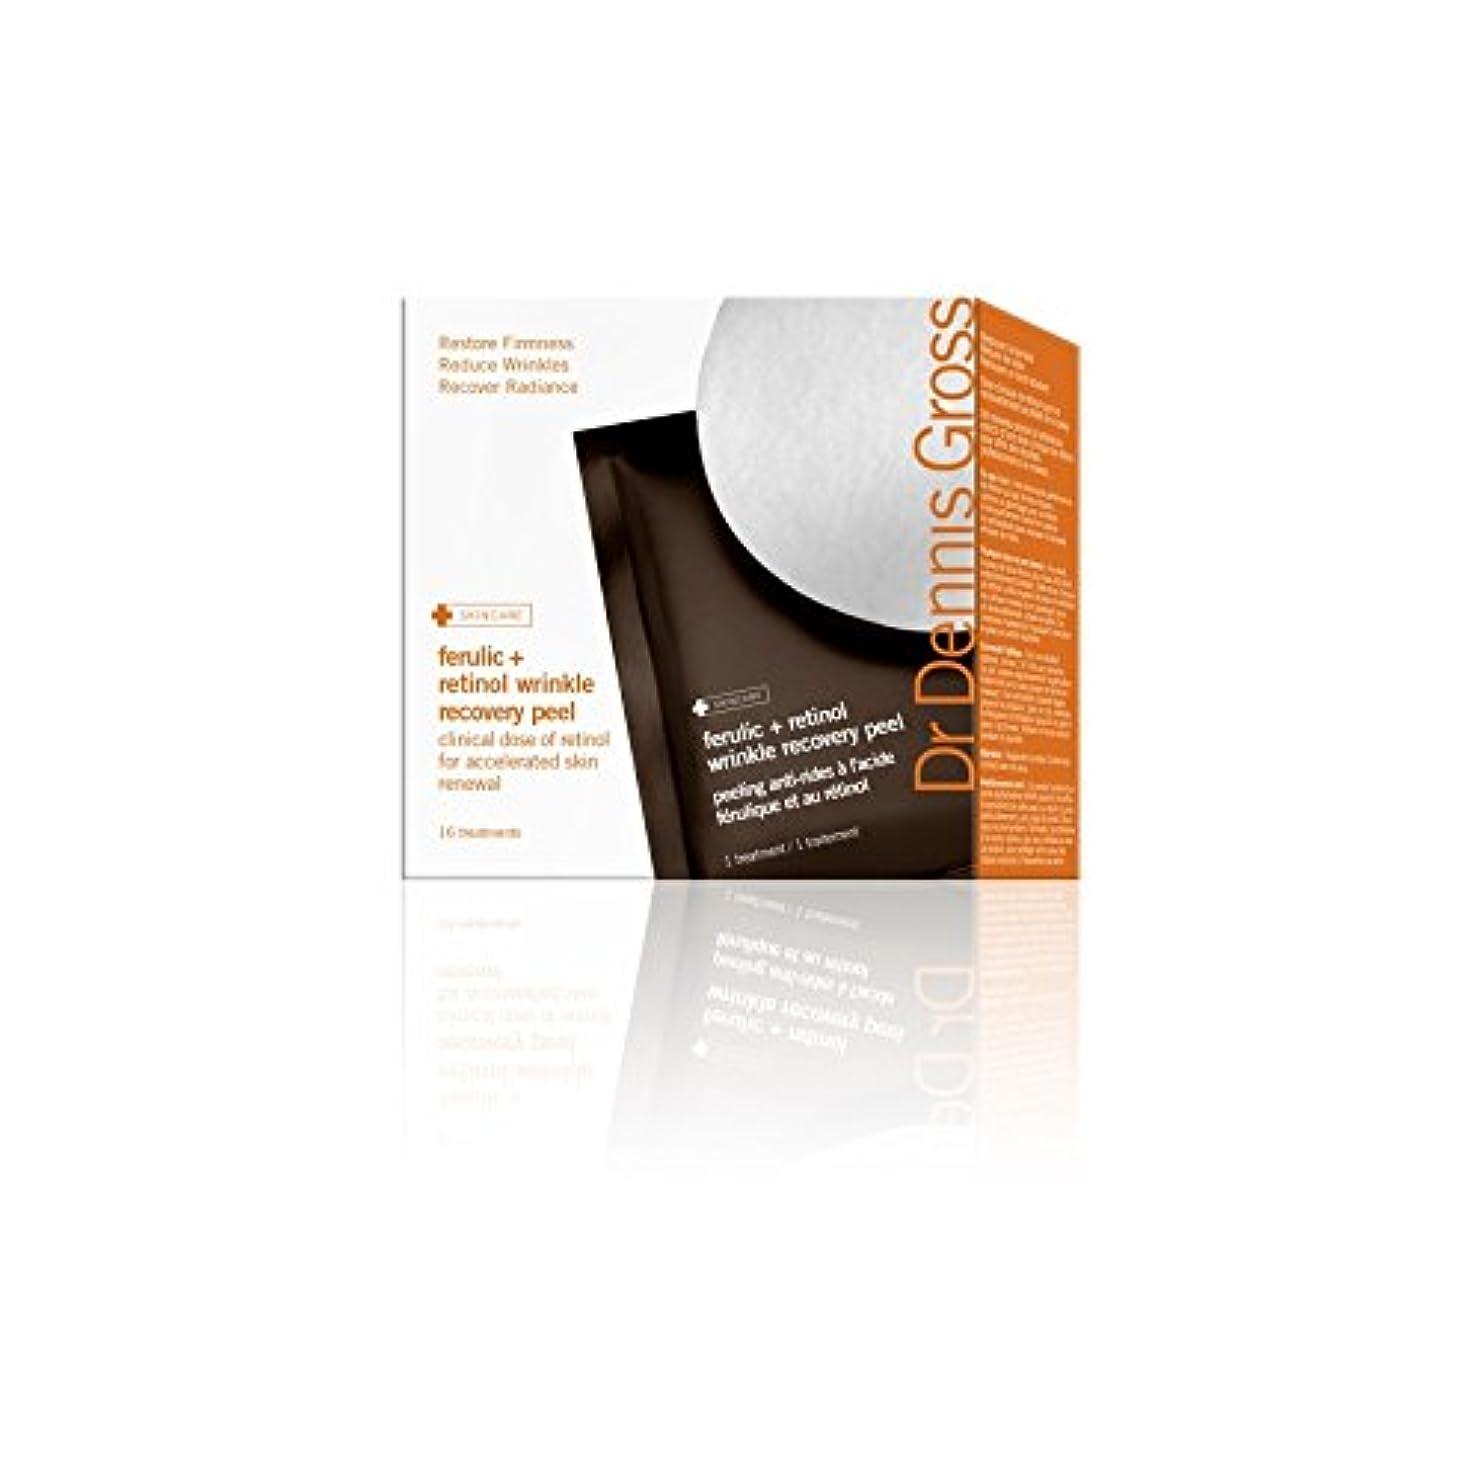 ボードラジカル思慮のないデニース?グロスフェルラとレチノールしわ回復の皮(16パック) x2 - Dr Dennis Gross Ferulic And Retinol Wrinkle Recovery Peel (16 Pack) (Pack...